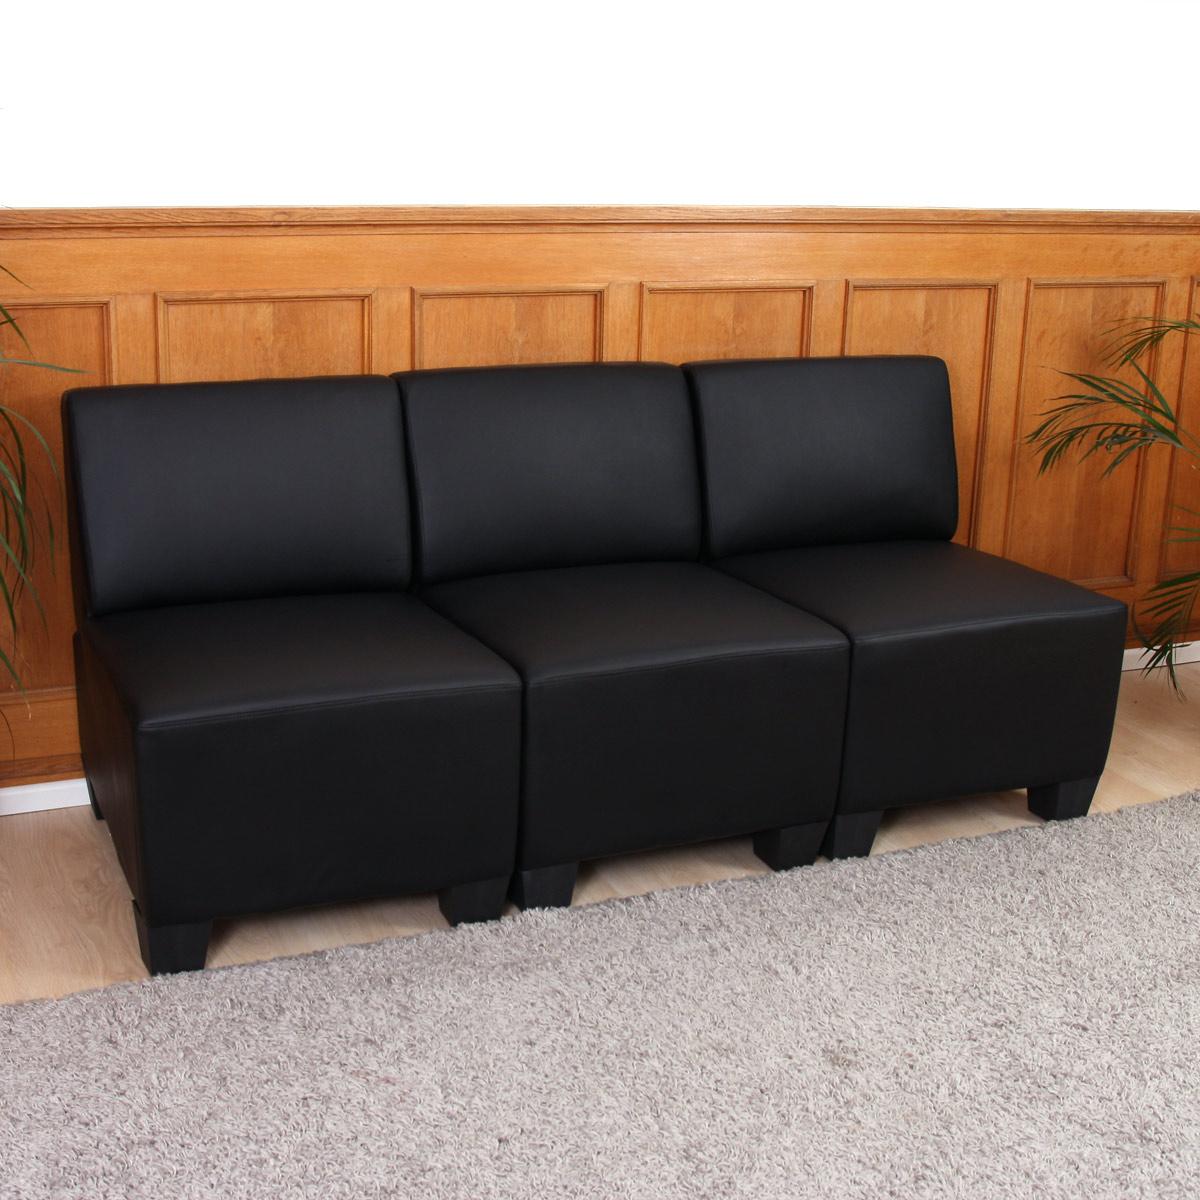 Full Size of Modular 3 Sitzer Sofa Couch Lyon W Schillig Schlafsofa Liegefläche 160x200 Leder Delife Mit Relaxfunktion U Form Günstig Kaufen Ektorp Zweisitzer Polster Sofa Kunstleder Sofa